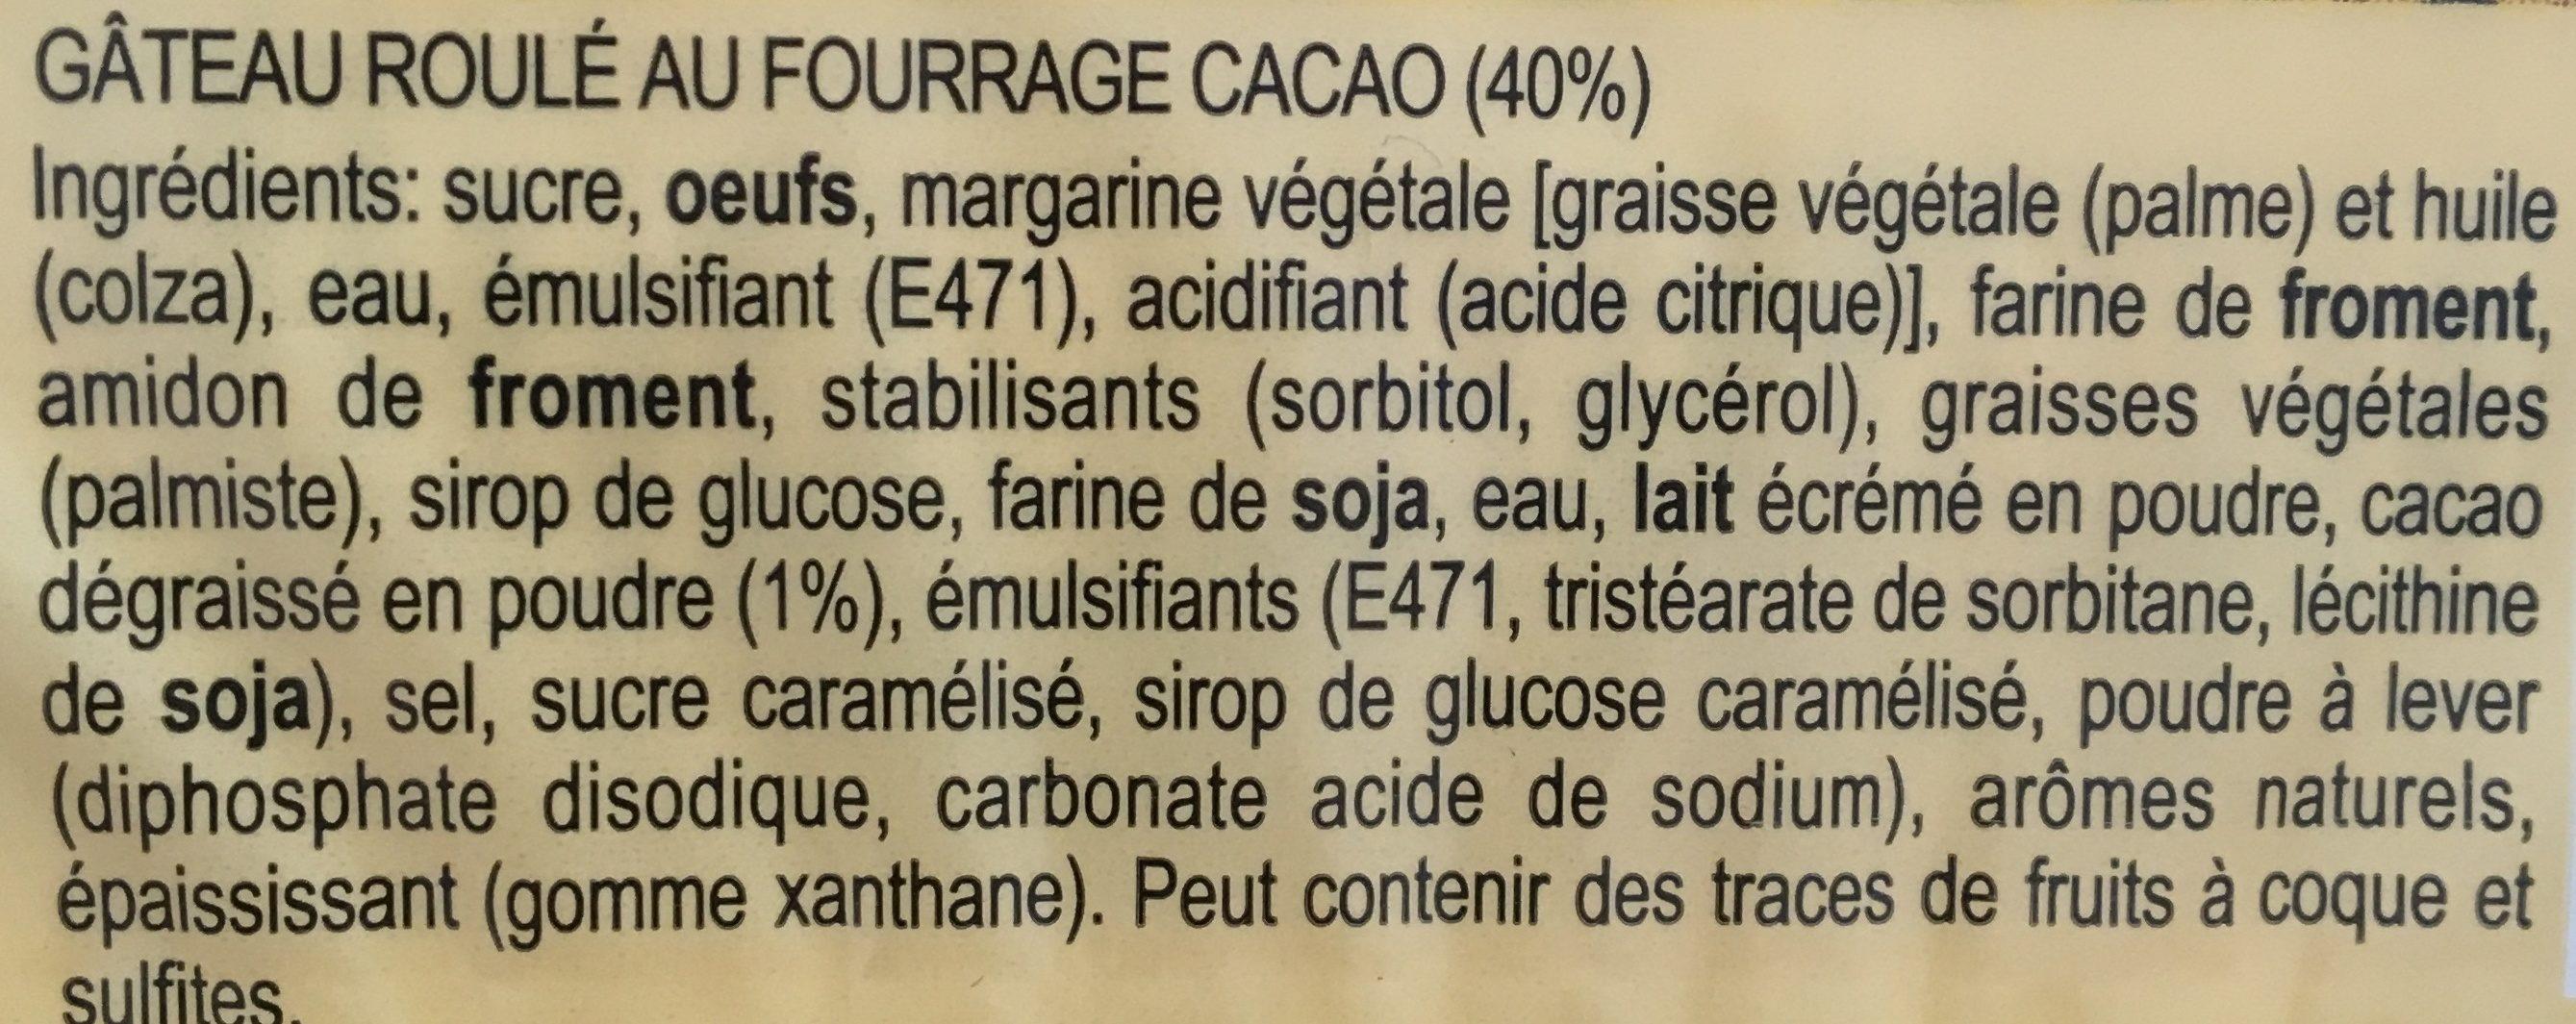 Tiger Roll, Kakao - Ingrédients - fr